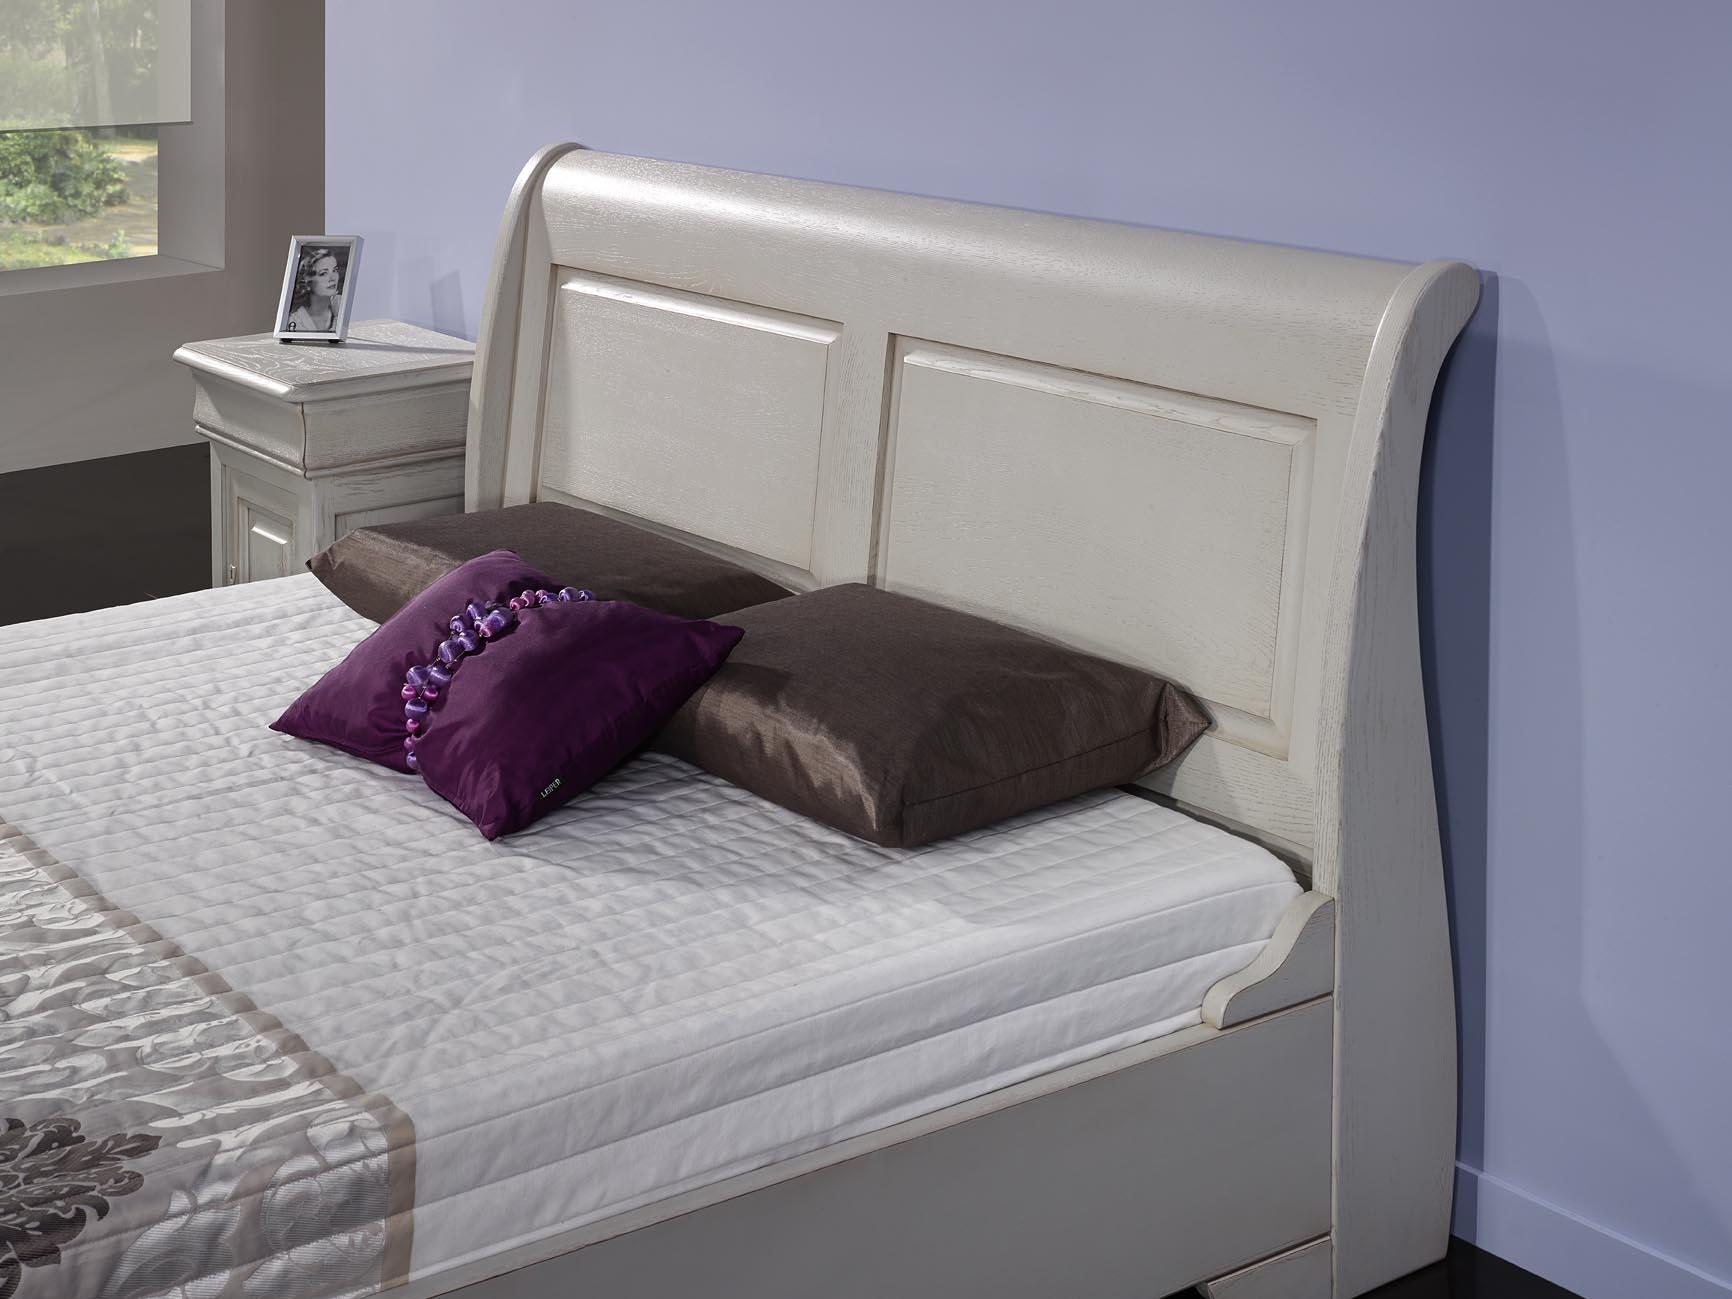 lit bateau 140x190 en ch ne massif de style louis philippe campagnard finition ch ne bross gris. Black Bedroom Furniture Sets. Home Design Ideas